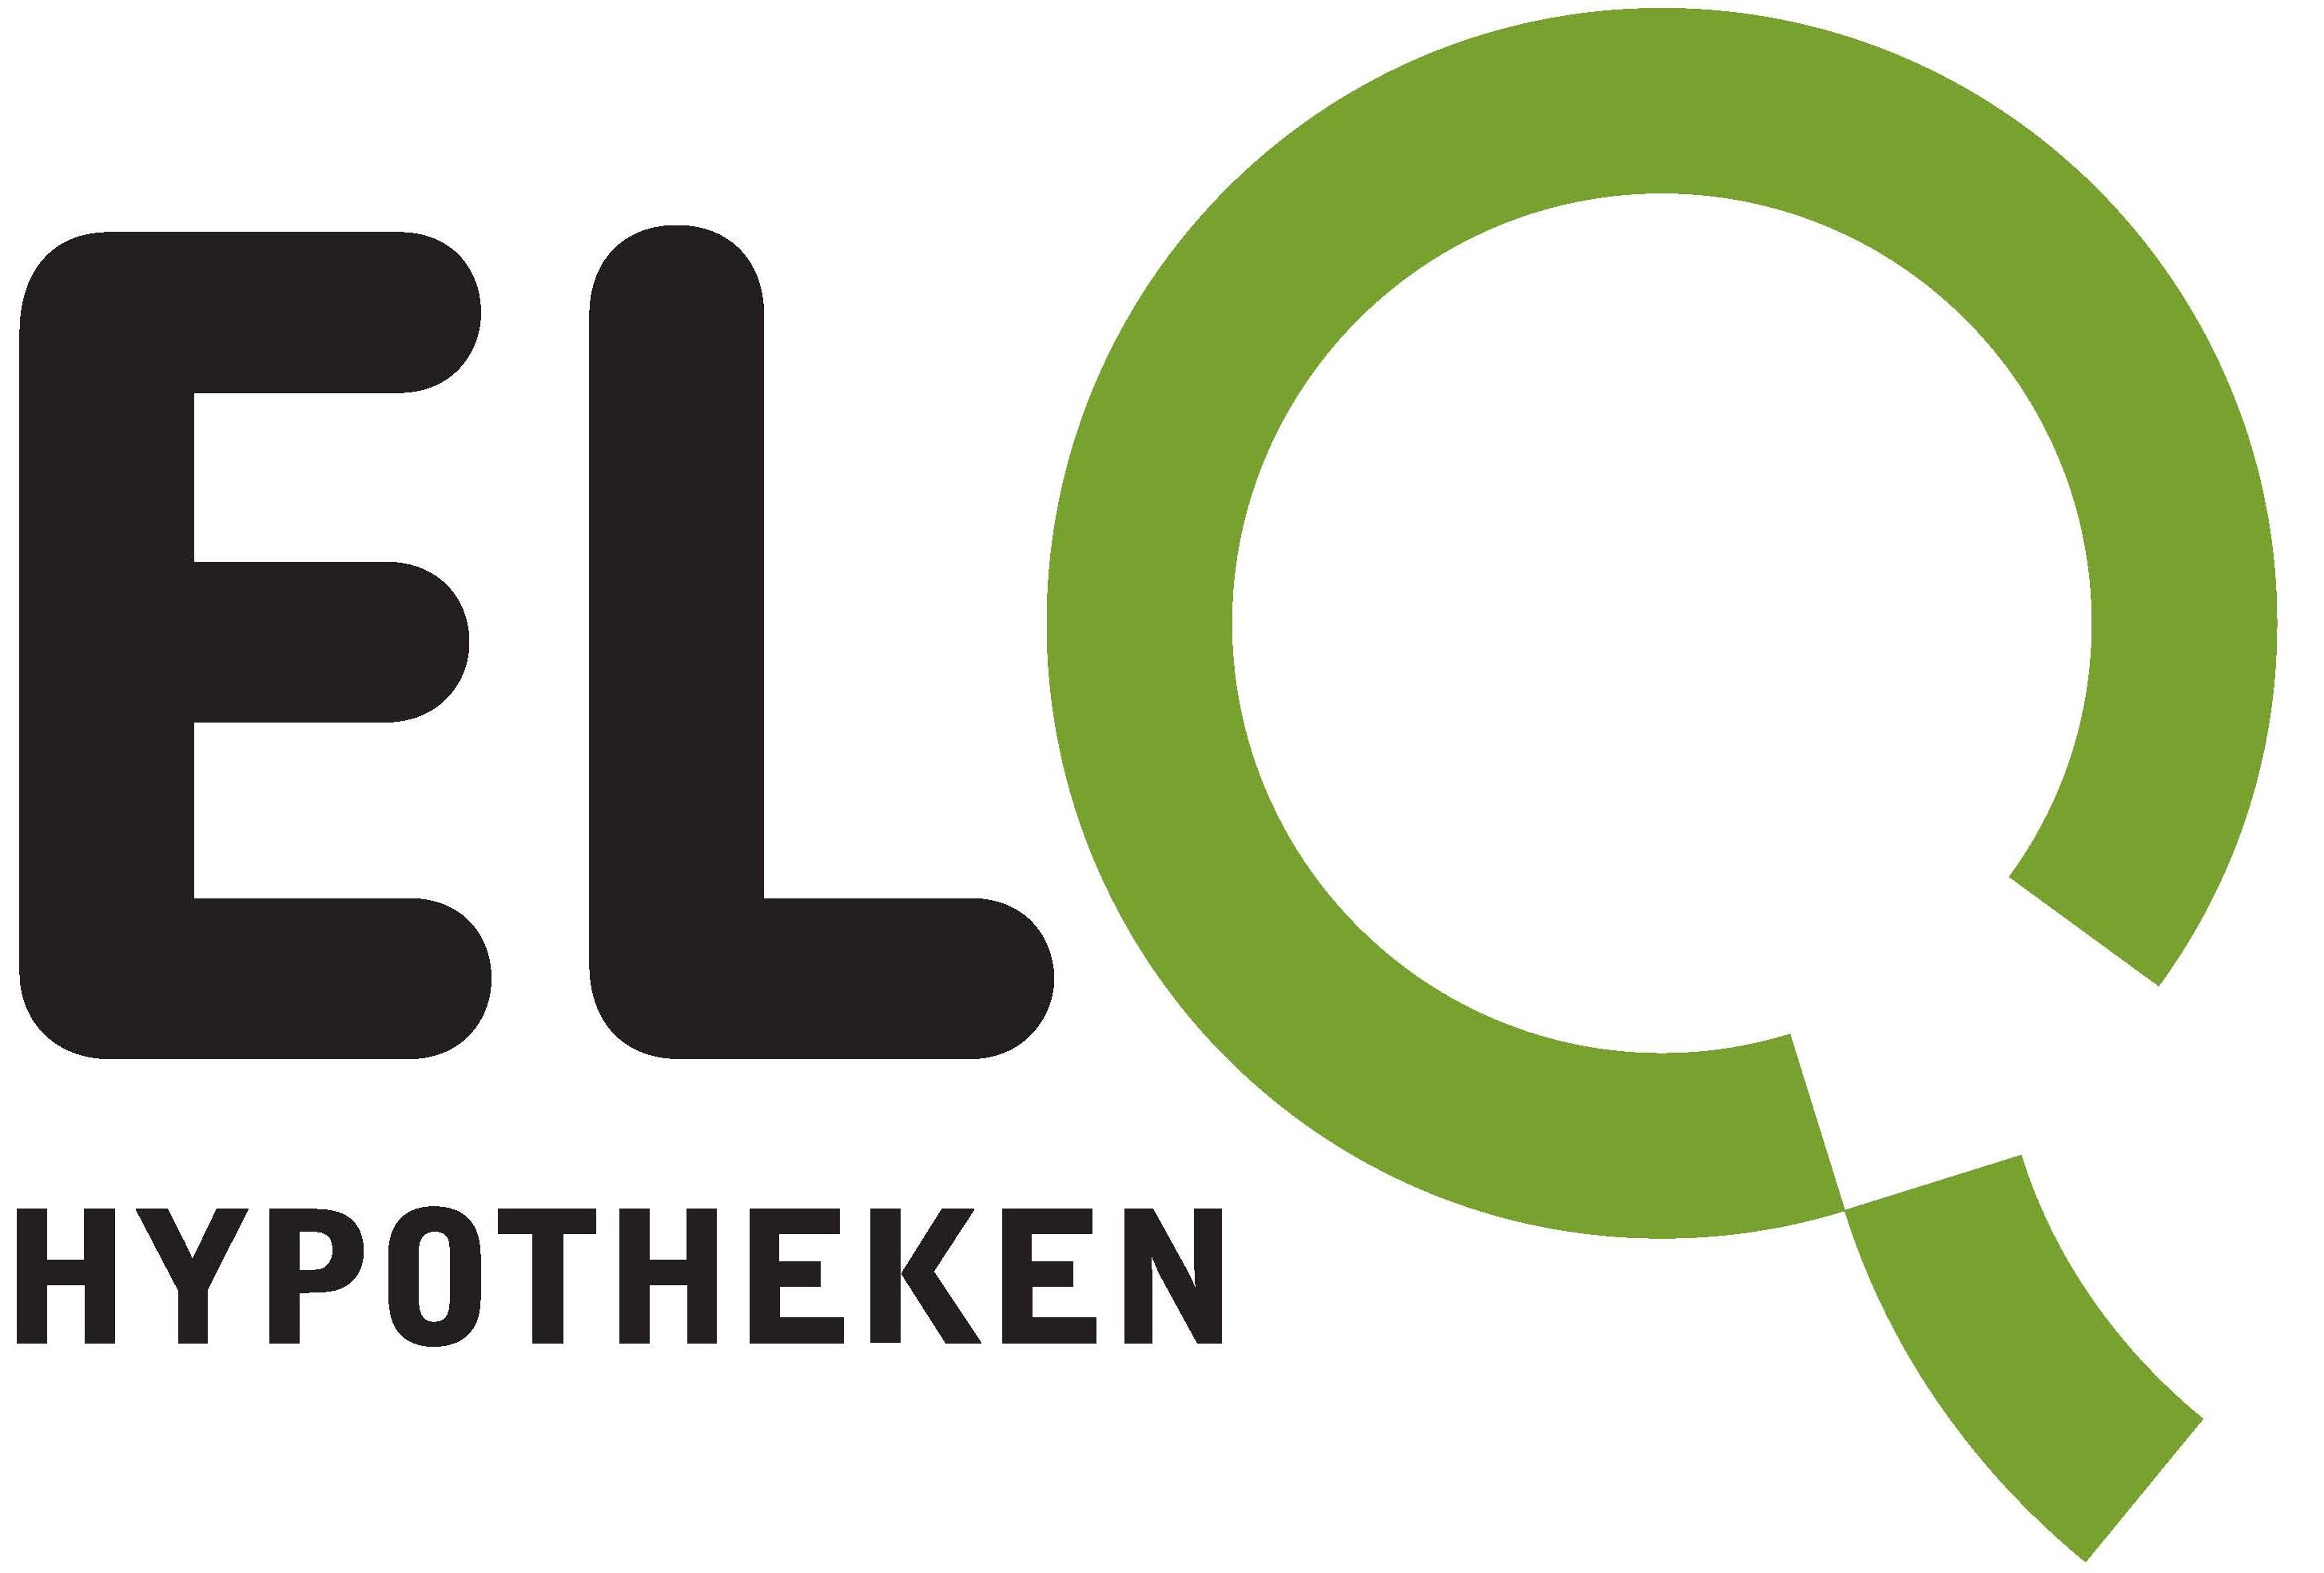 ELQ Hypotheken